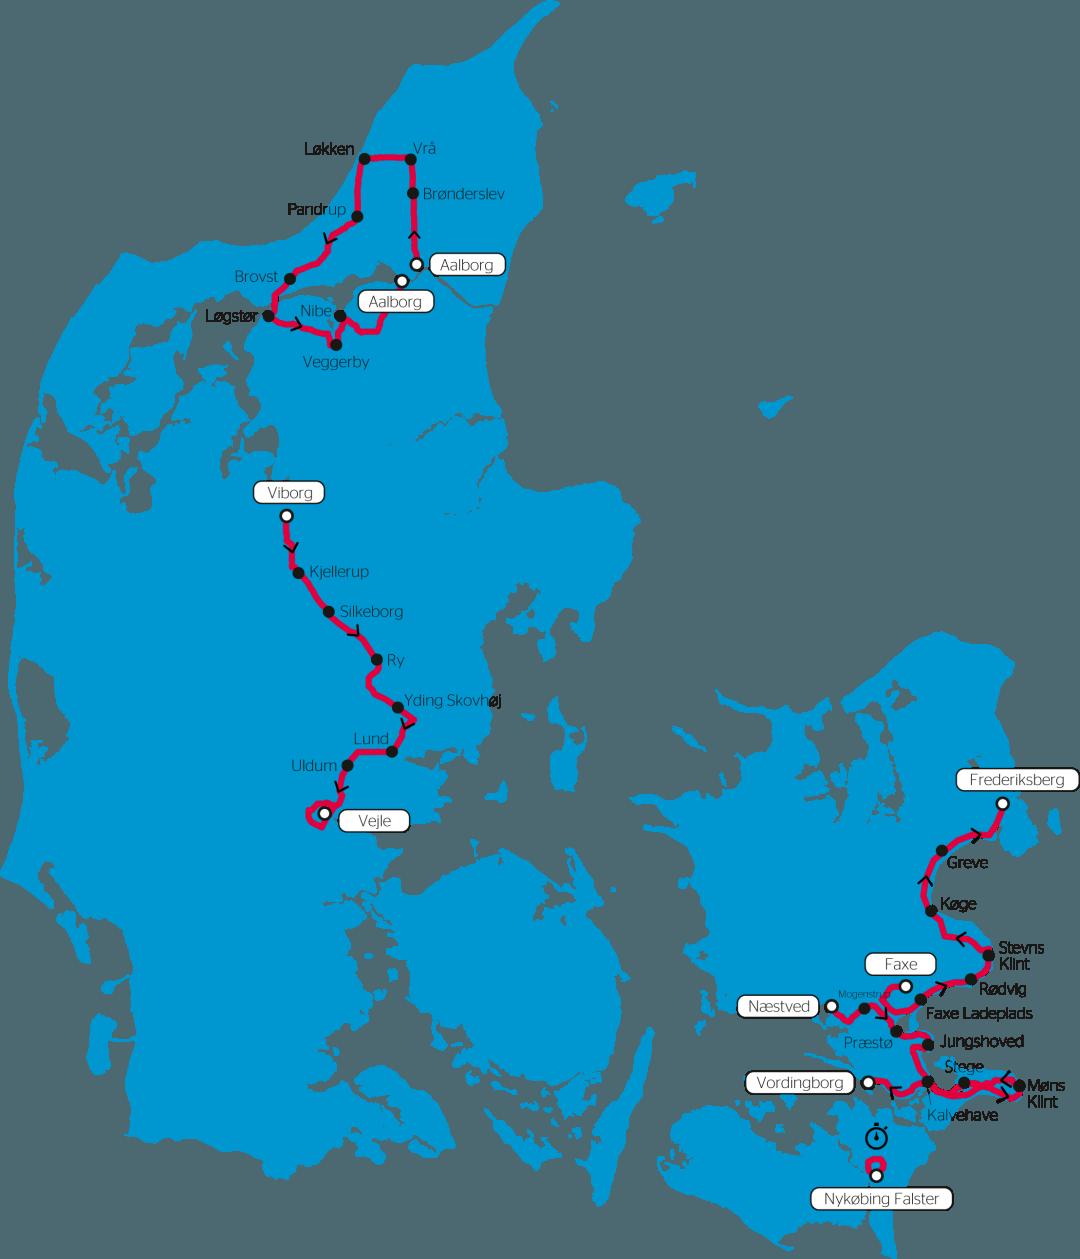 Cykelløbet PostNord Danmark Rundts rute for 2018, hvor rytterne skal ud på fem forskellige etaper